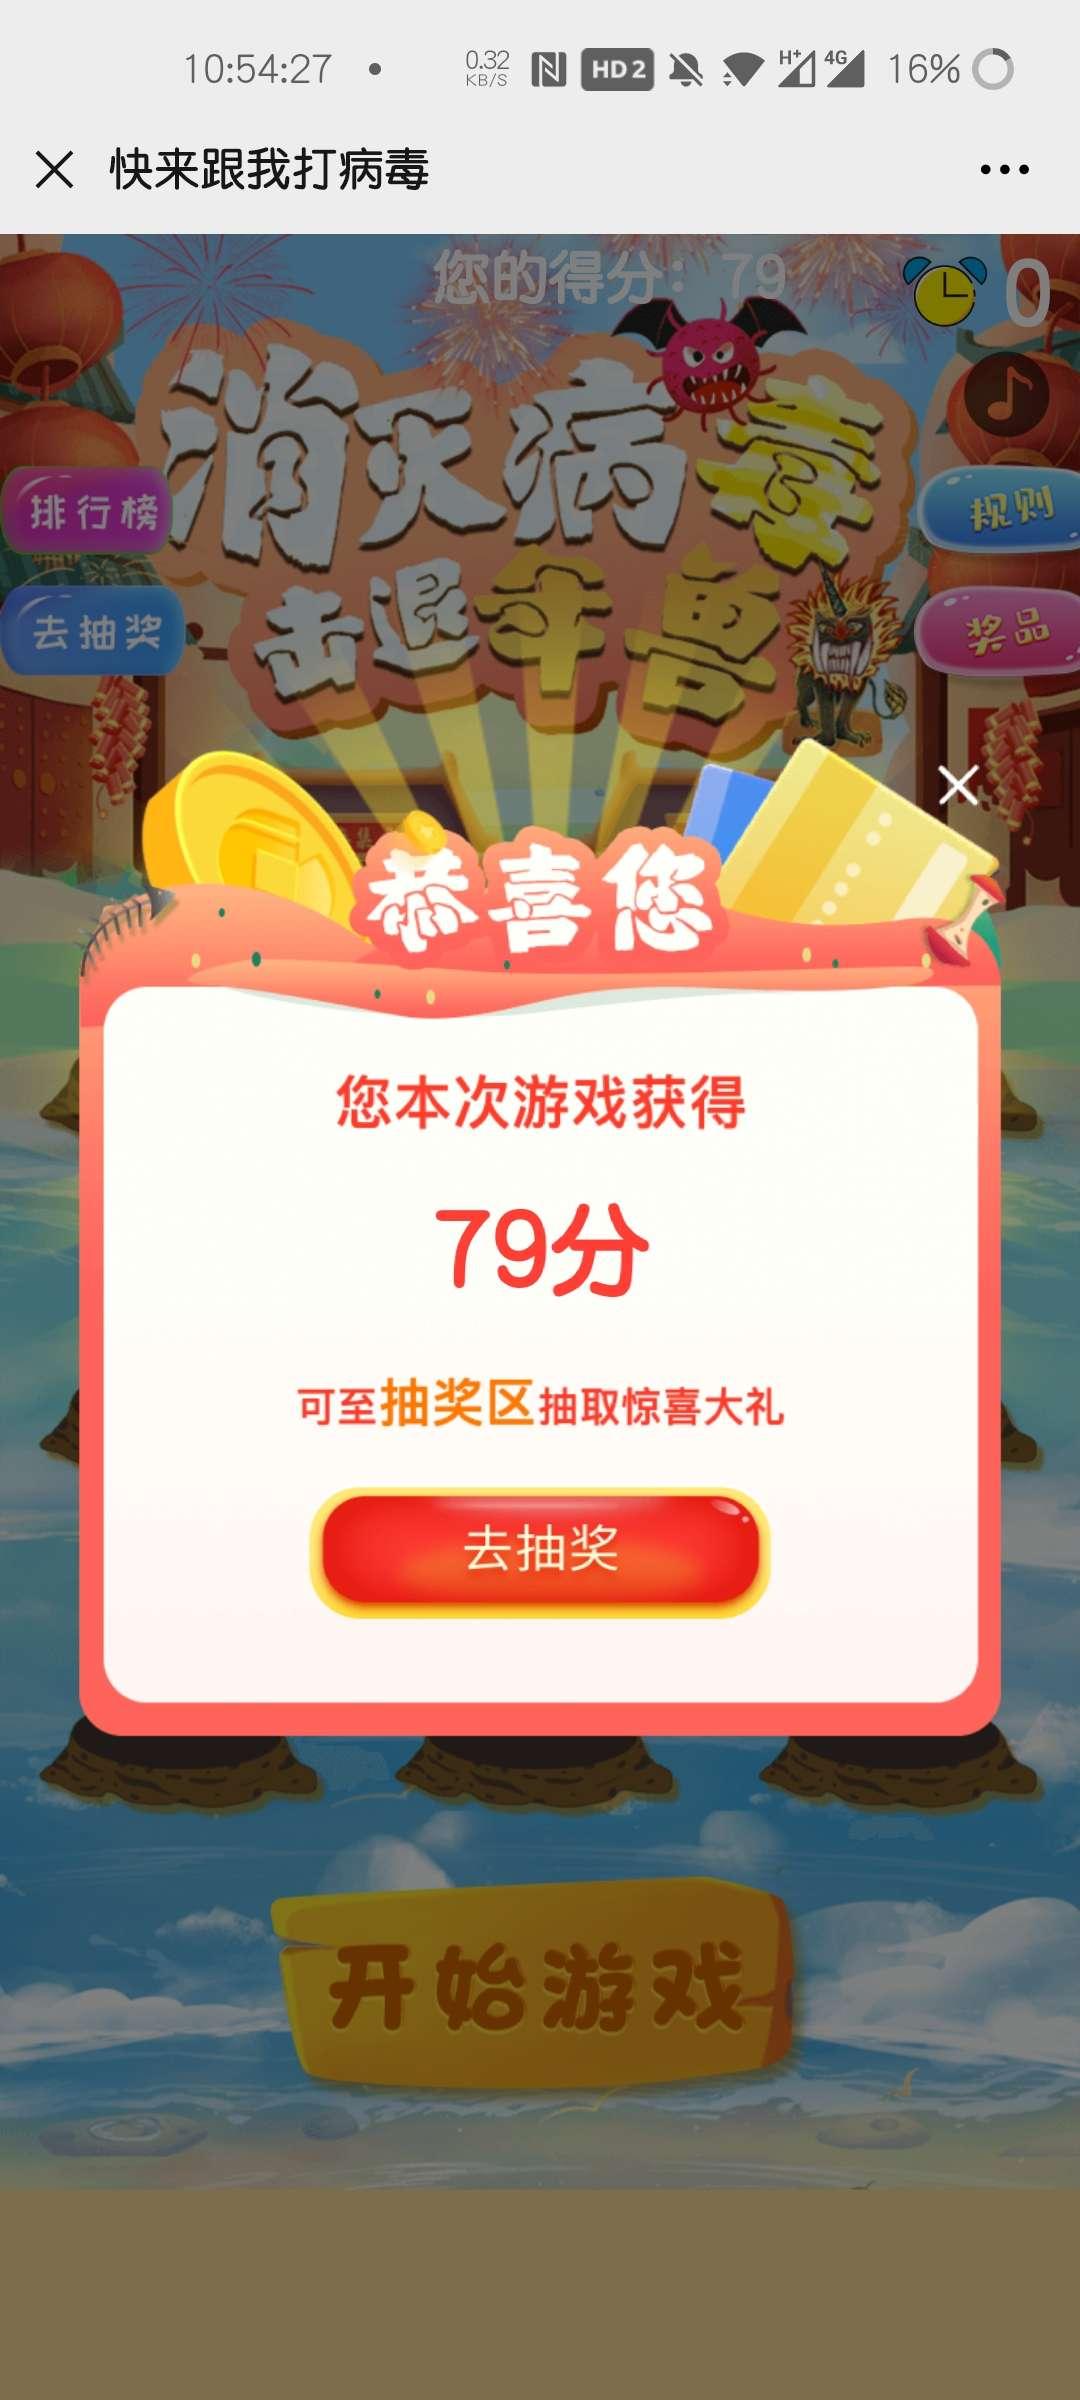 中国银行玩小游戏抽红包限中国银行卡